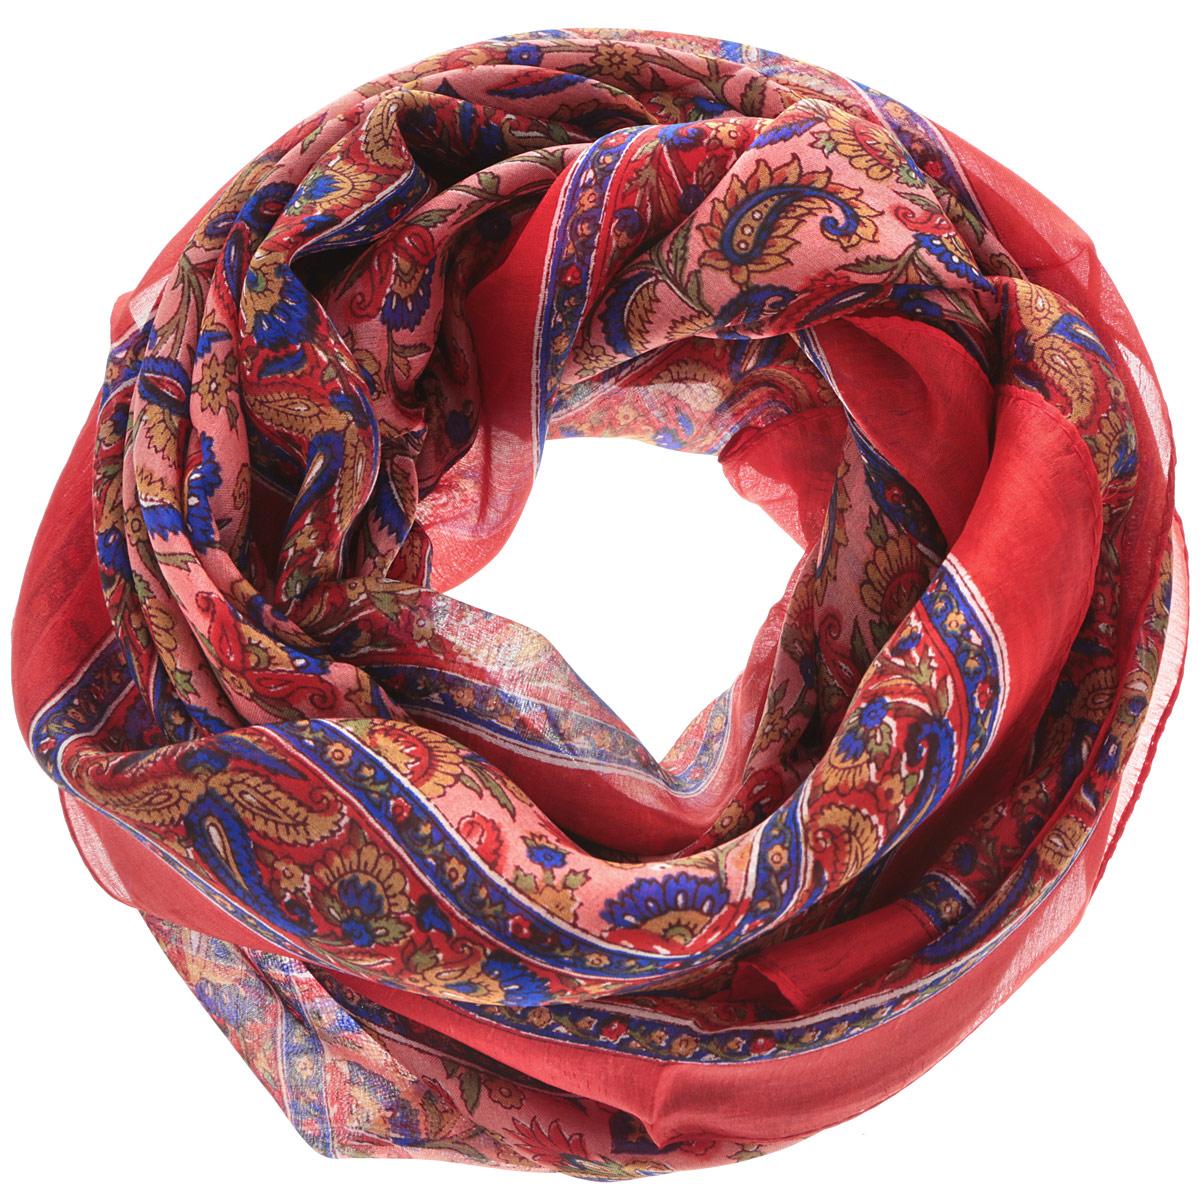 Платок женский Ethnica, цвет: красный, темно-синий, розовый. 560135н. Размер 100 см х 100 см560135нСтильный женский платок Ethnica станет великолепным завершением любого наряда. Платок изготовлен из 100% шелка с использованием натуральных красителей, оформлен оригинальным орнаментом. Классическая квадратная форма позволяет носить платок на шее, украшать им прическу или декорировать сумочку. Такой платок превосходно дополнит любой наряд и подчеркнет ваш неповторимый вкус и элегантность.